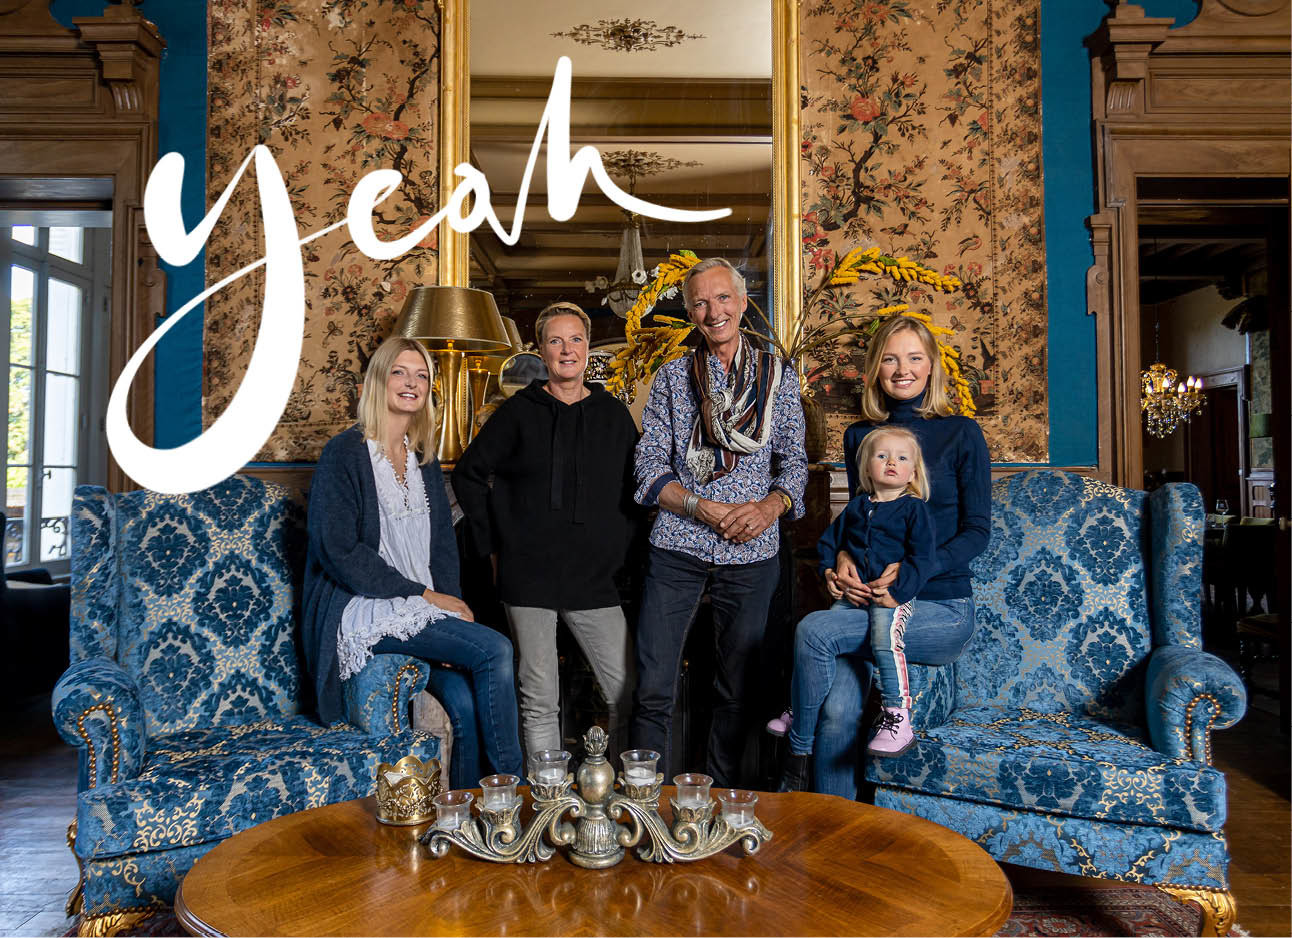 Familie Meiland in een kamer op de bank